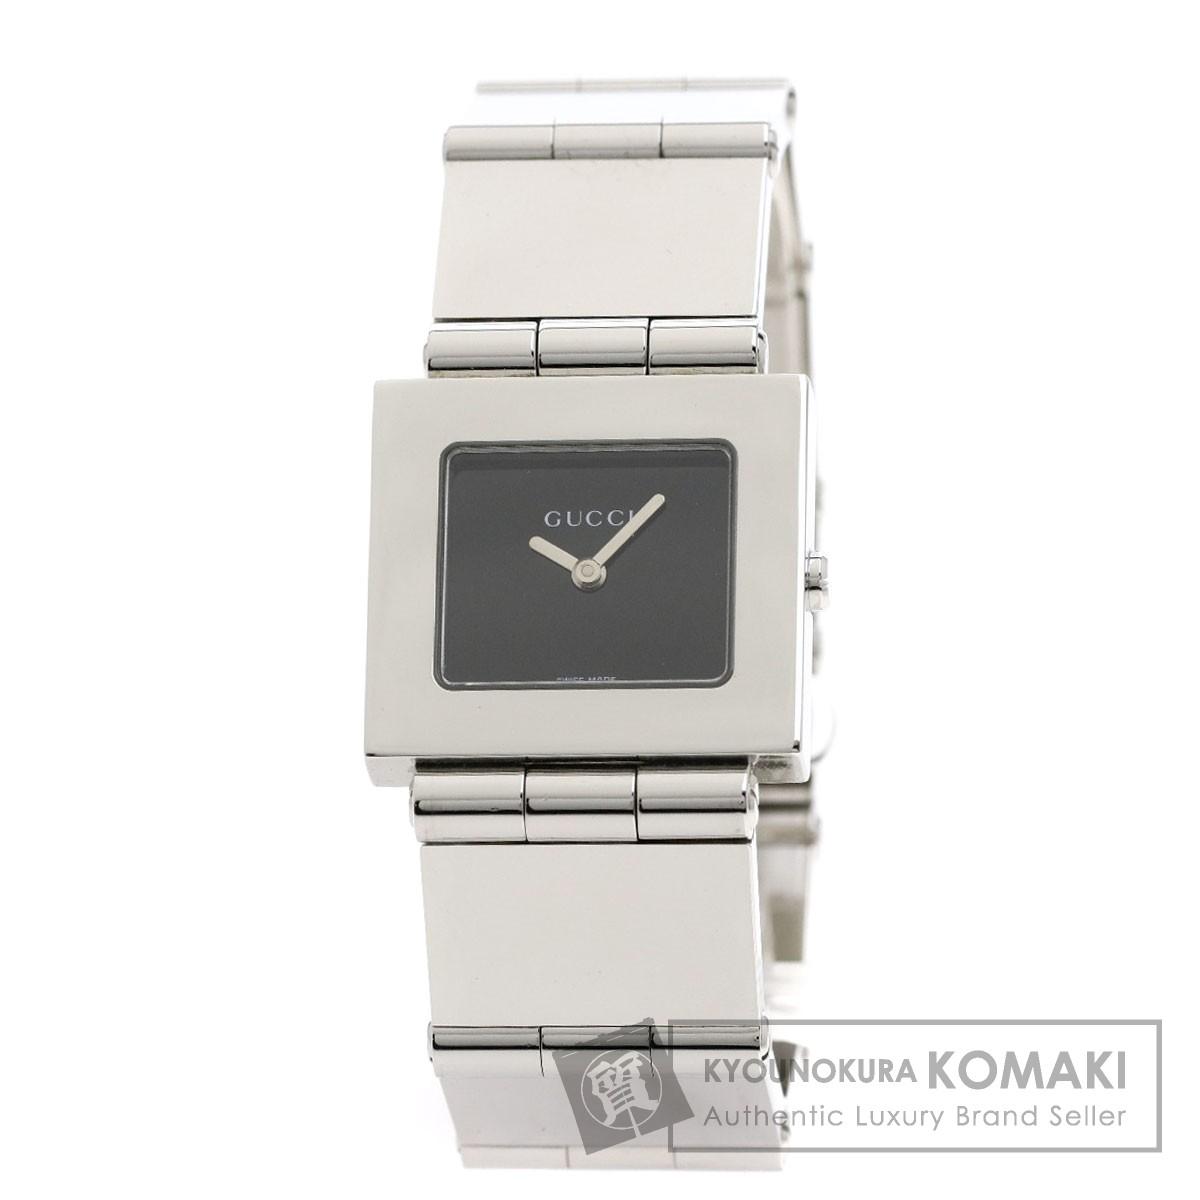 グッチ 600J 腕時計 ステンレススチール/SS ボーイズ 【中古】【GUCCI】